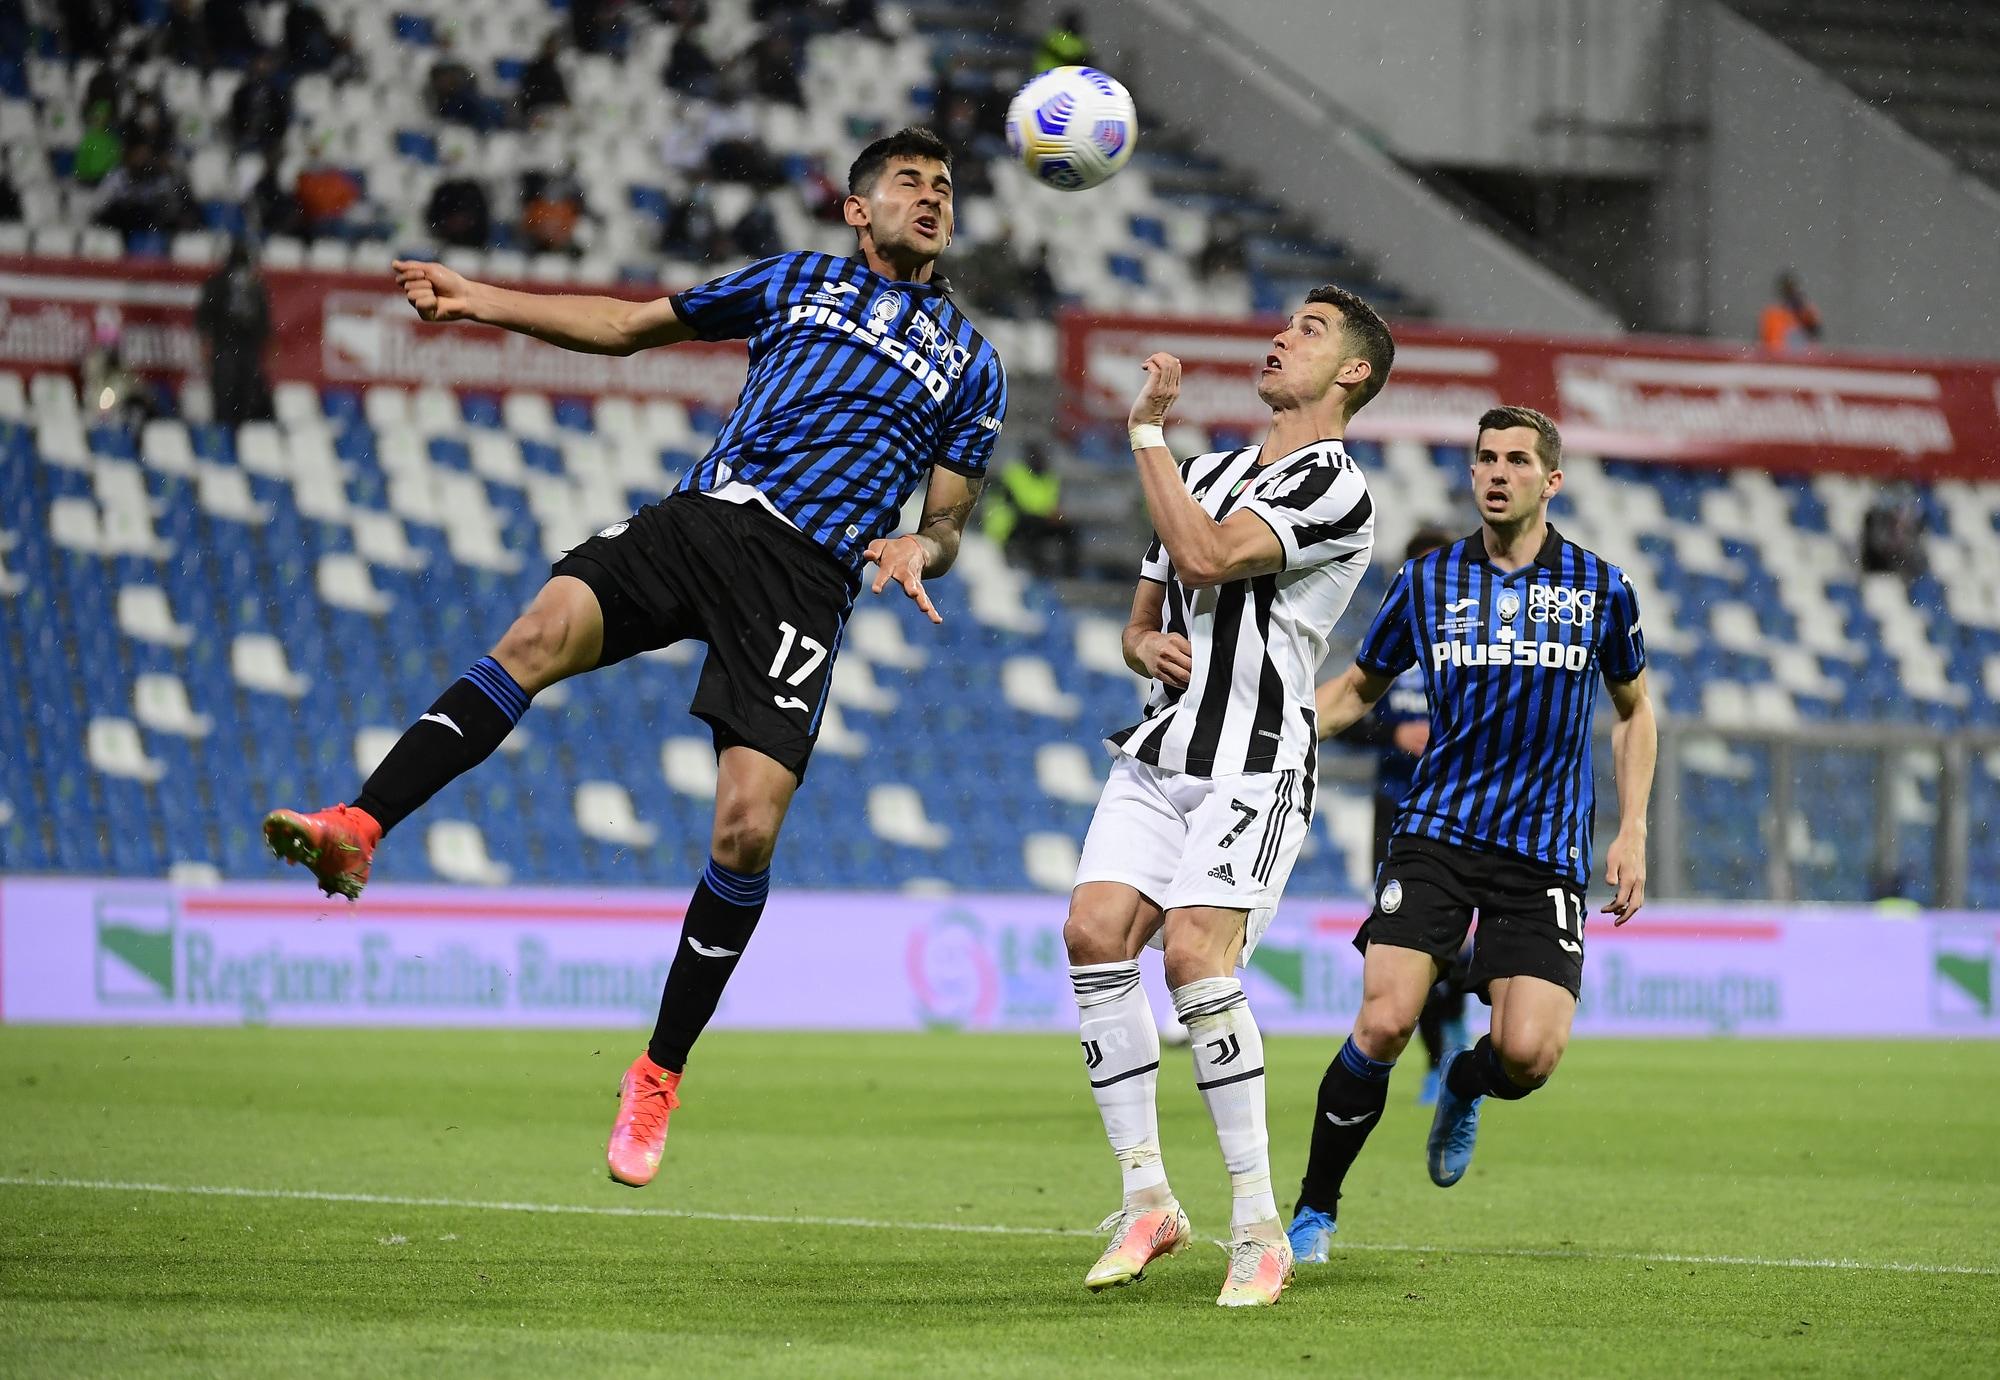 Coppa Italia, Atalanta-Juve 1-2: tabellino, marcatori e statistiche